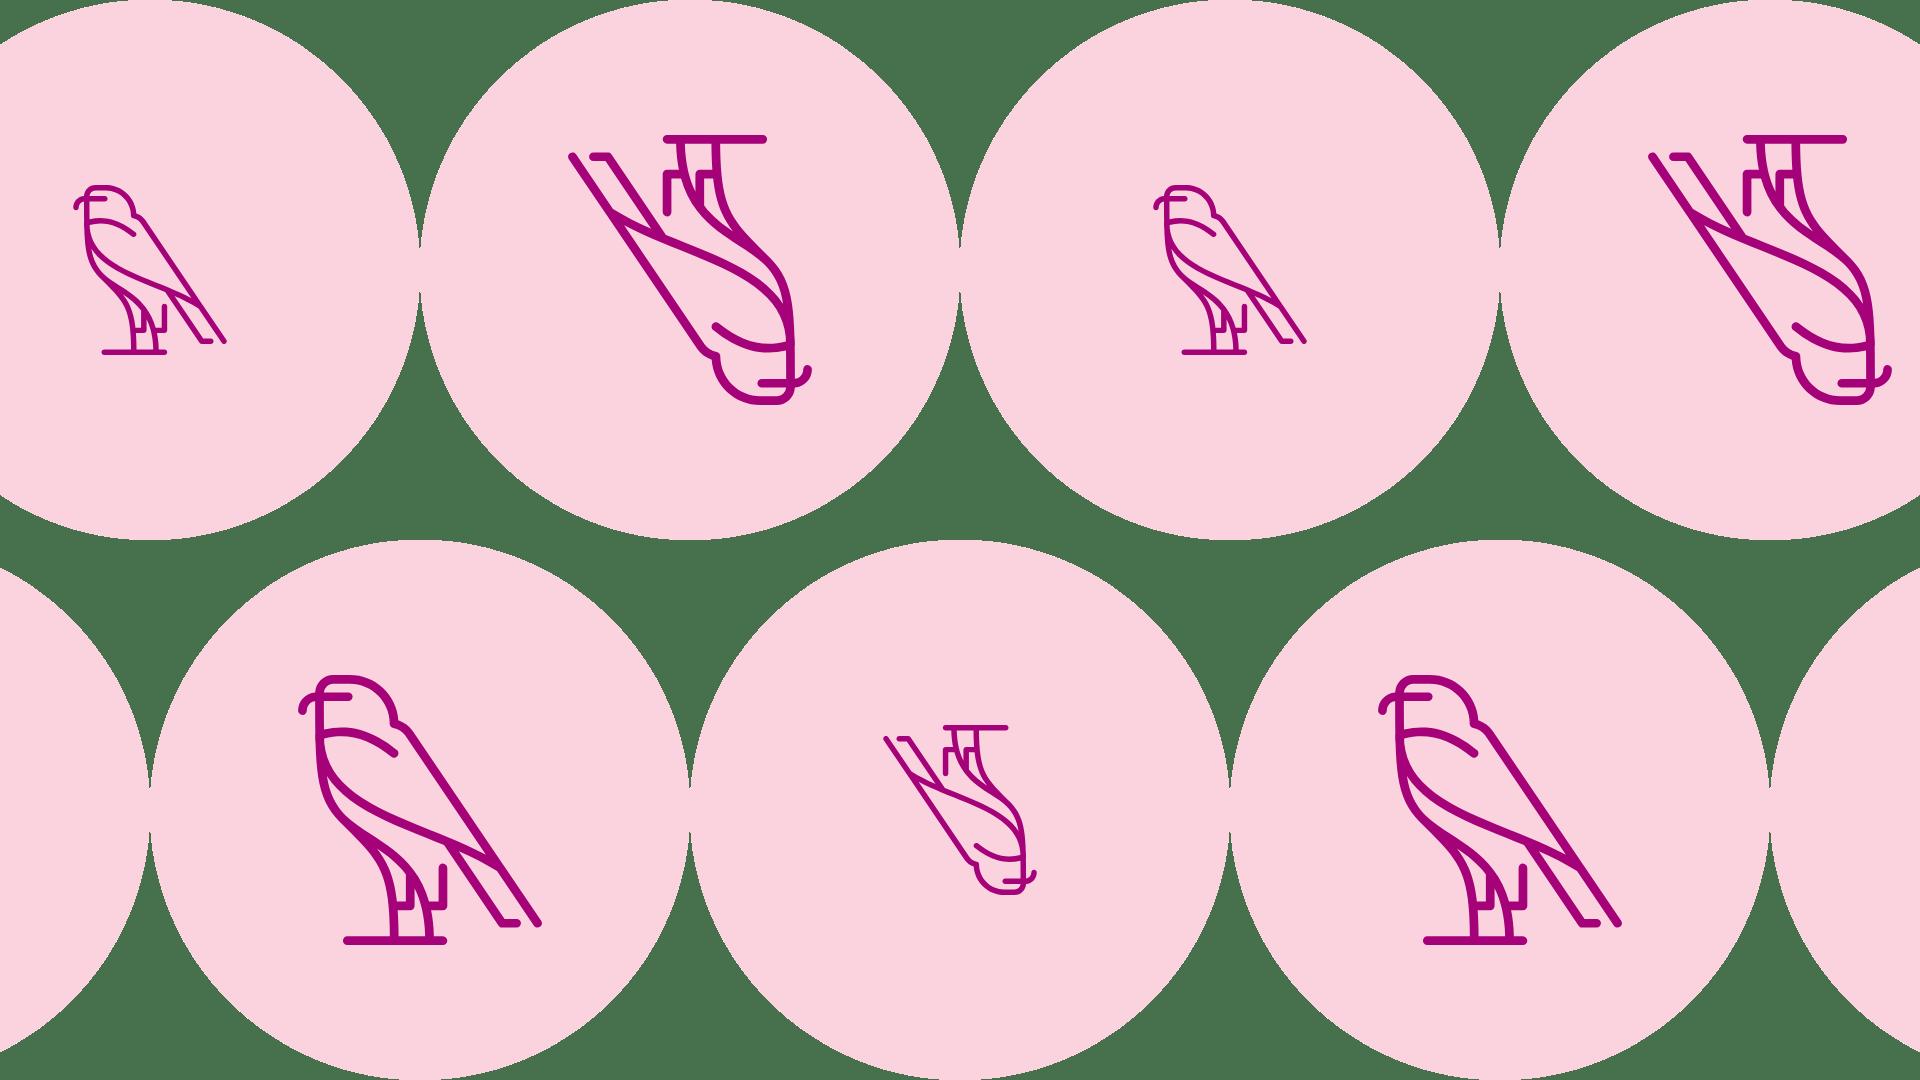 Pink, Lip, Magenta, Font, Design, Smile, Pattern, Graphics, Black, Animal, View, Drum, Music,  Free Image